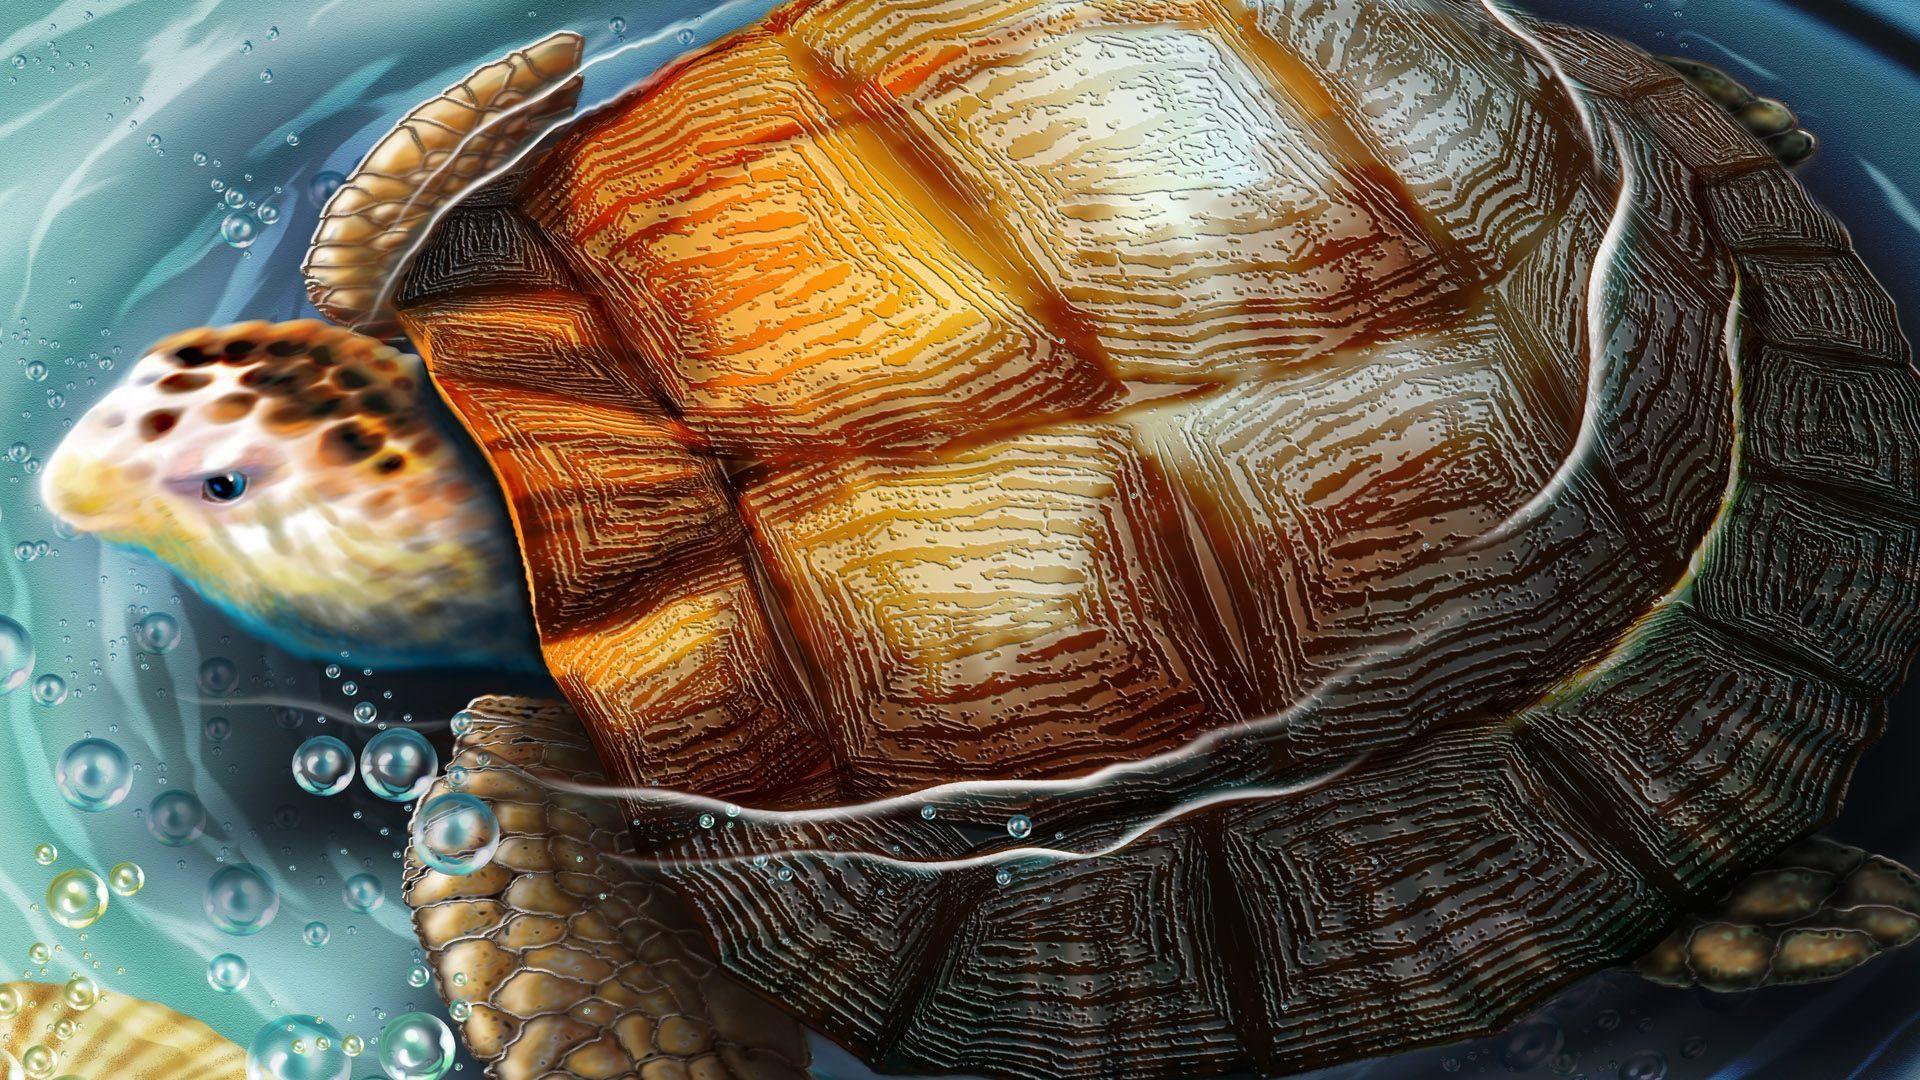 Dibujos De Tortugas 1920x1080 Fondos De Pantalla Y Wallpapers